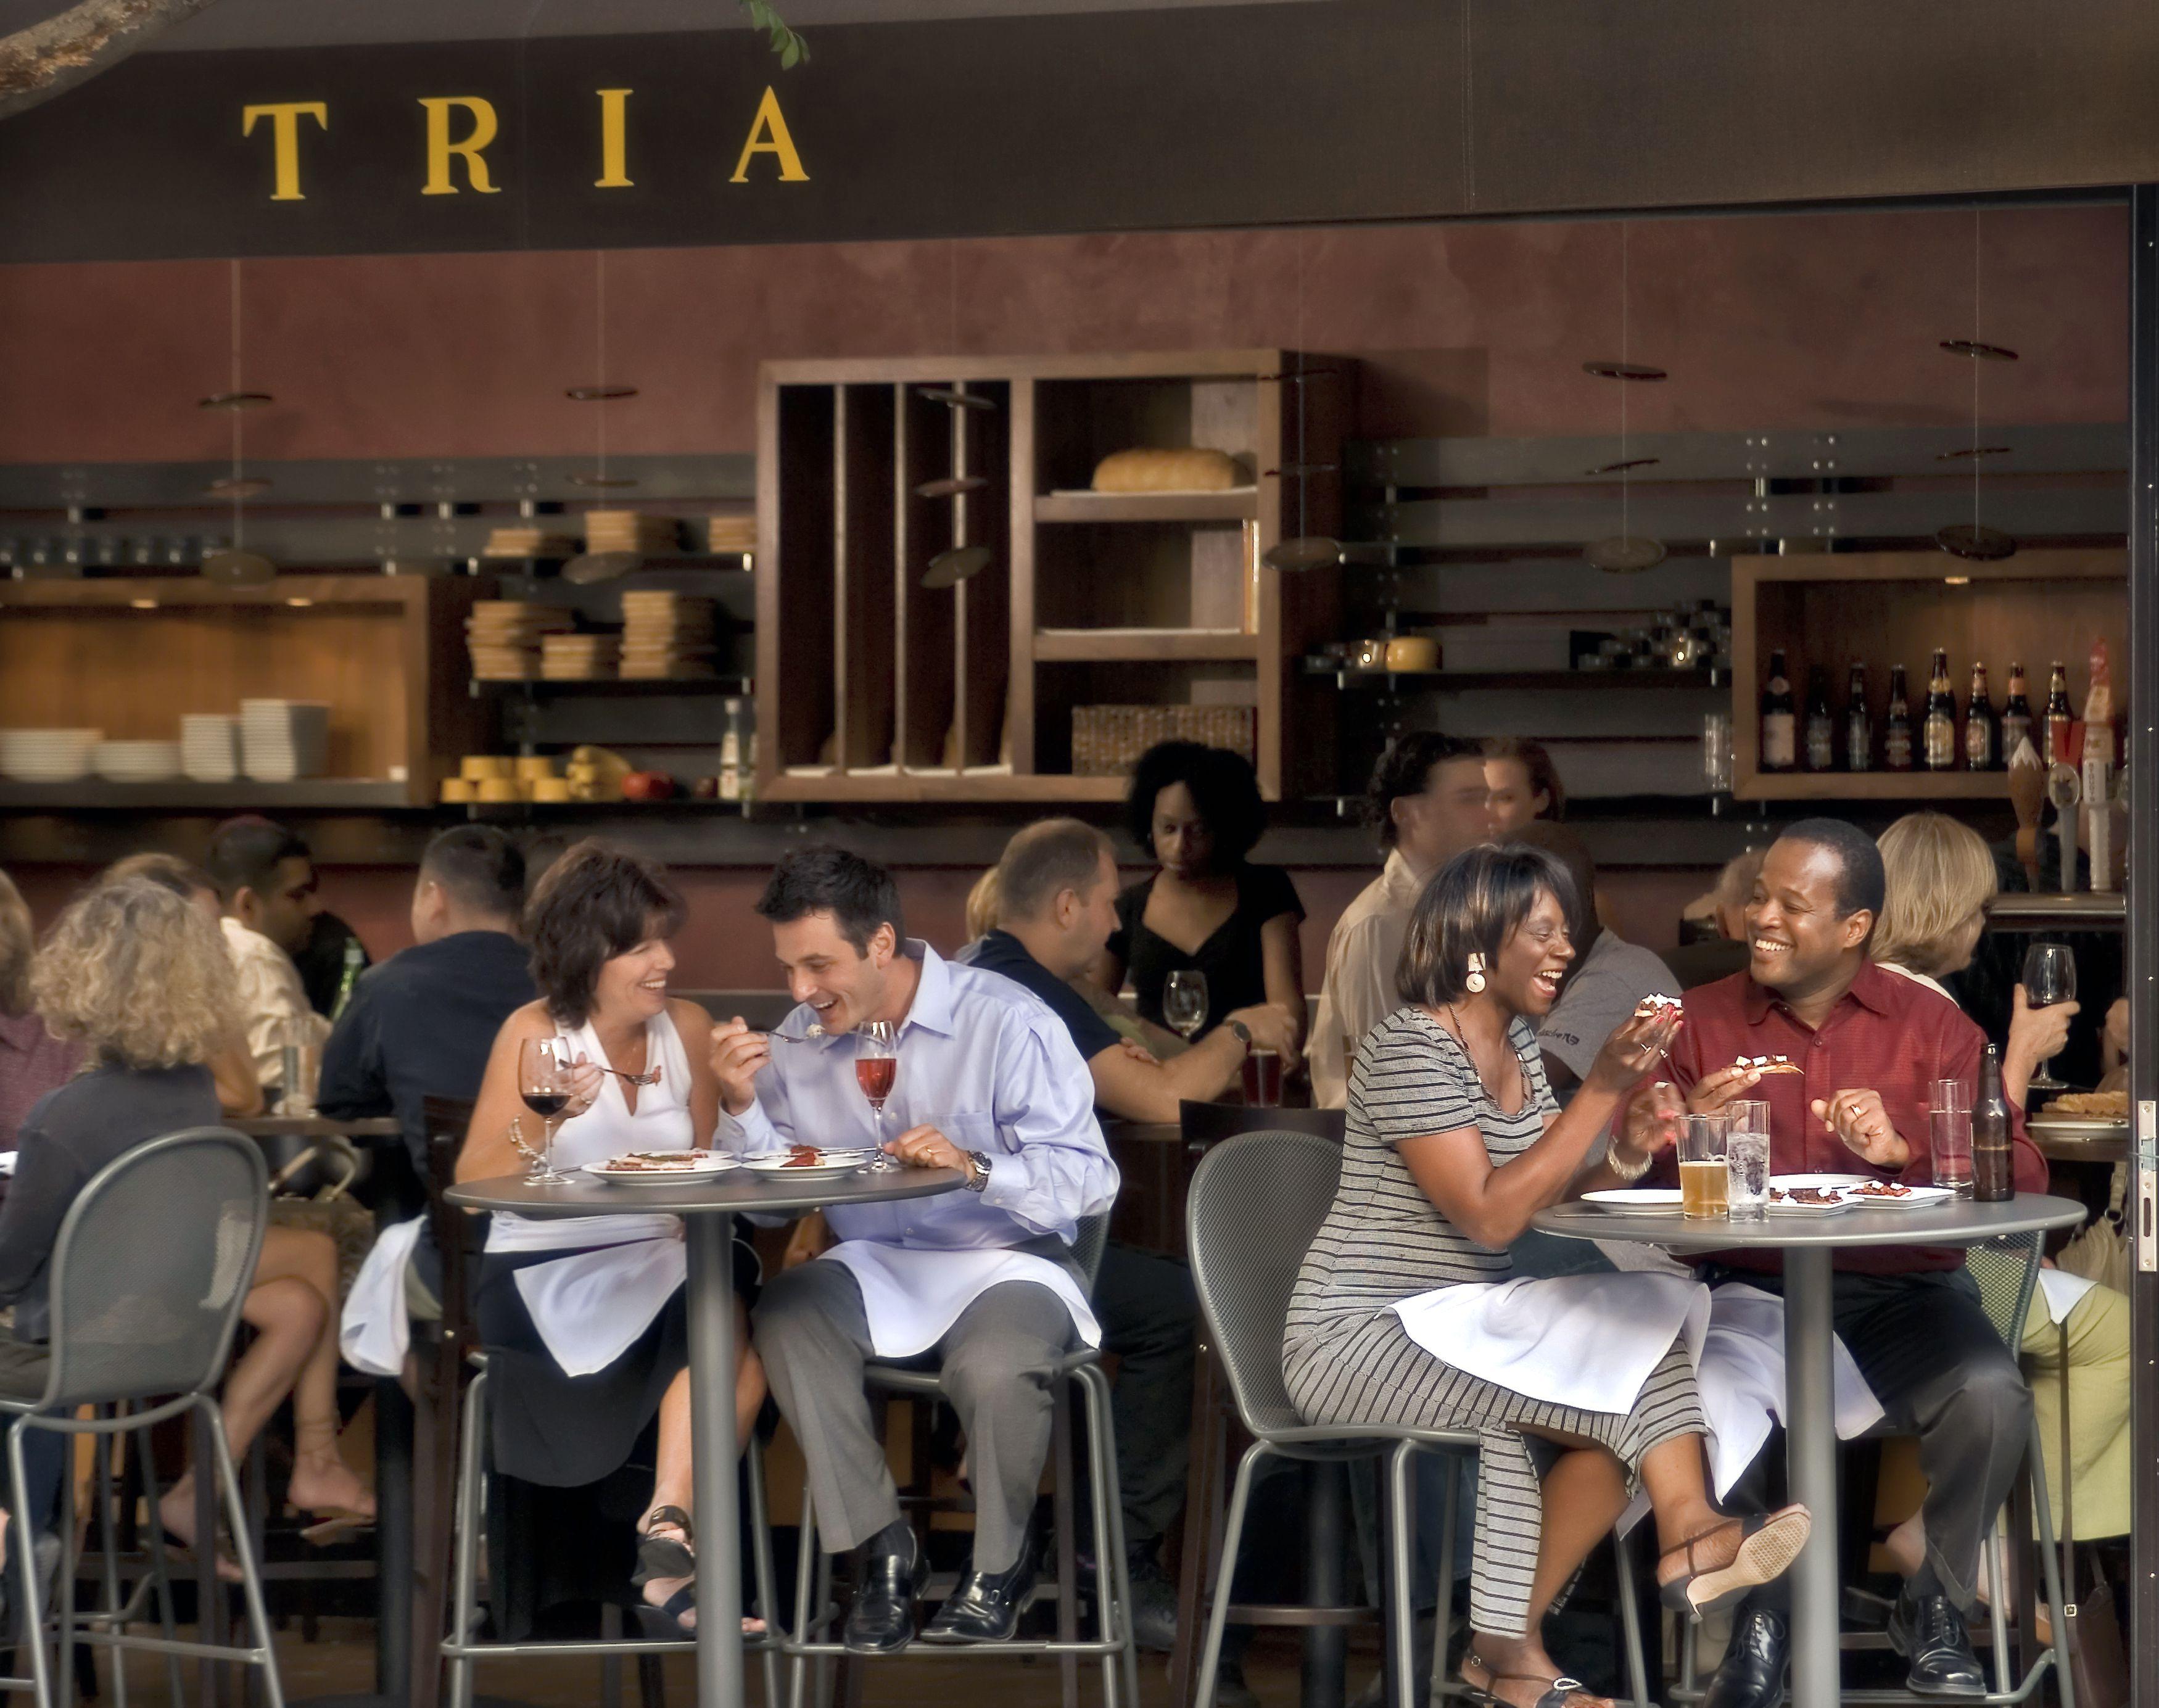 Tria_-B.-Krist-for-Visit-Philadelphia.jpg